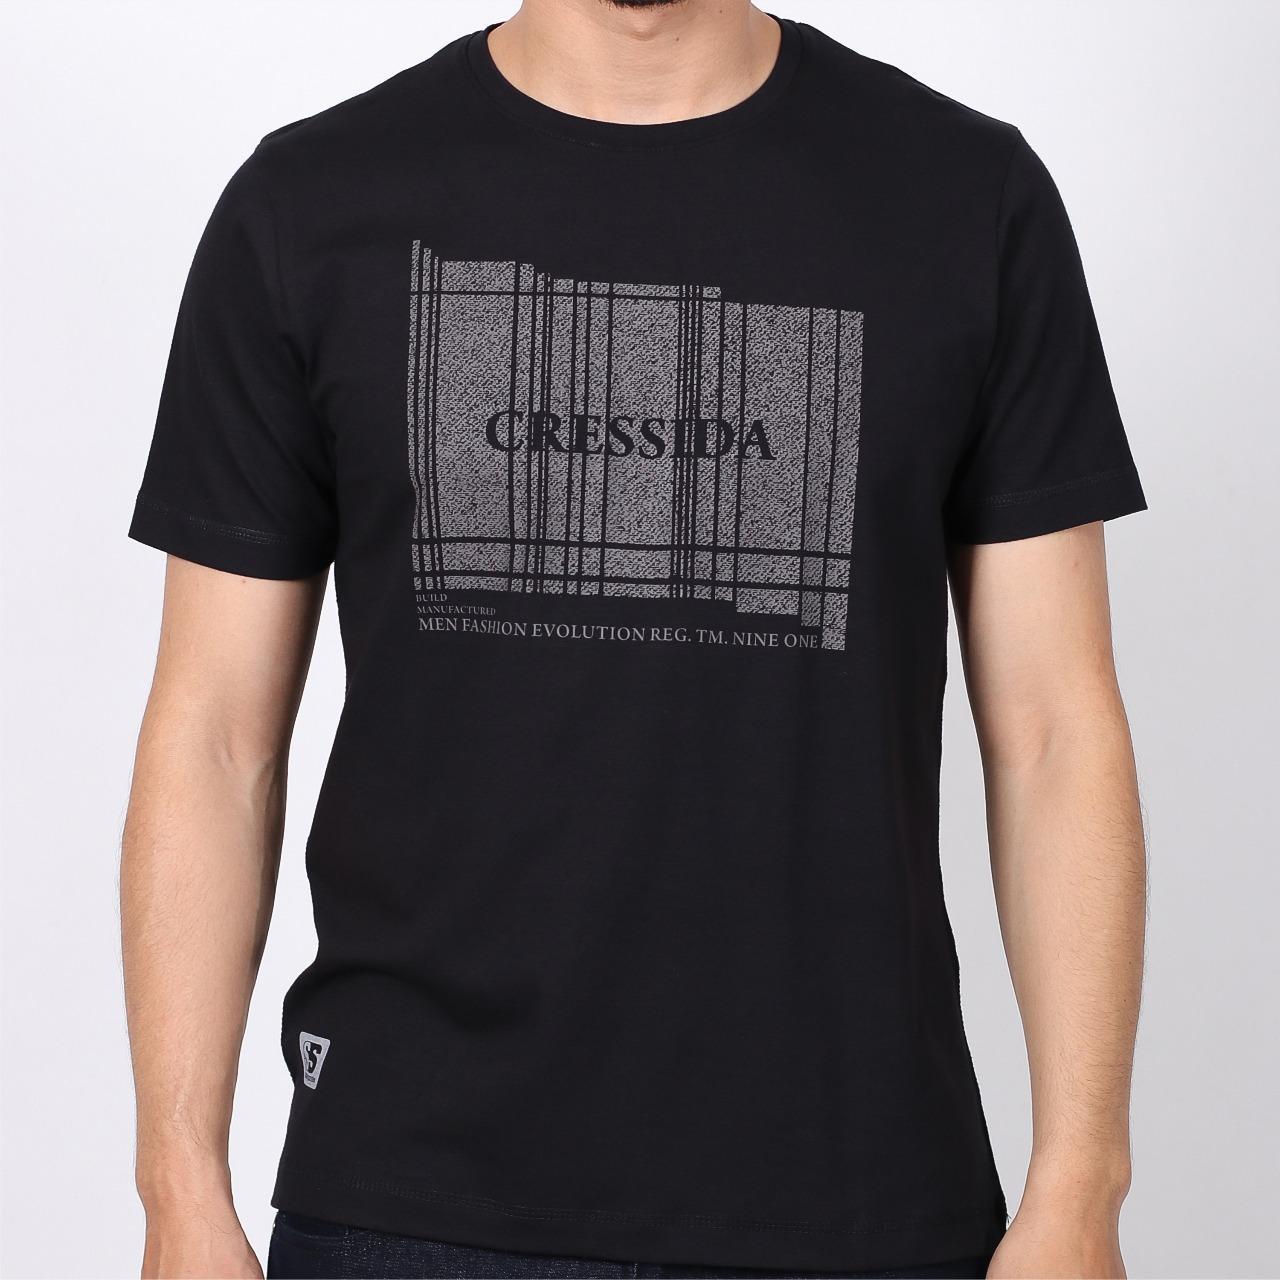 Baju Kaos Pria Cressida Original T-Shirt Cowok Slimfit Lengan Pendek Abu-Hitam